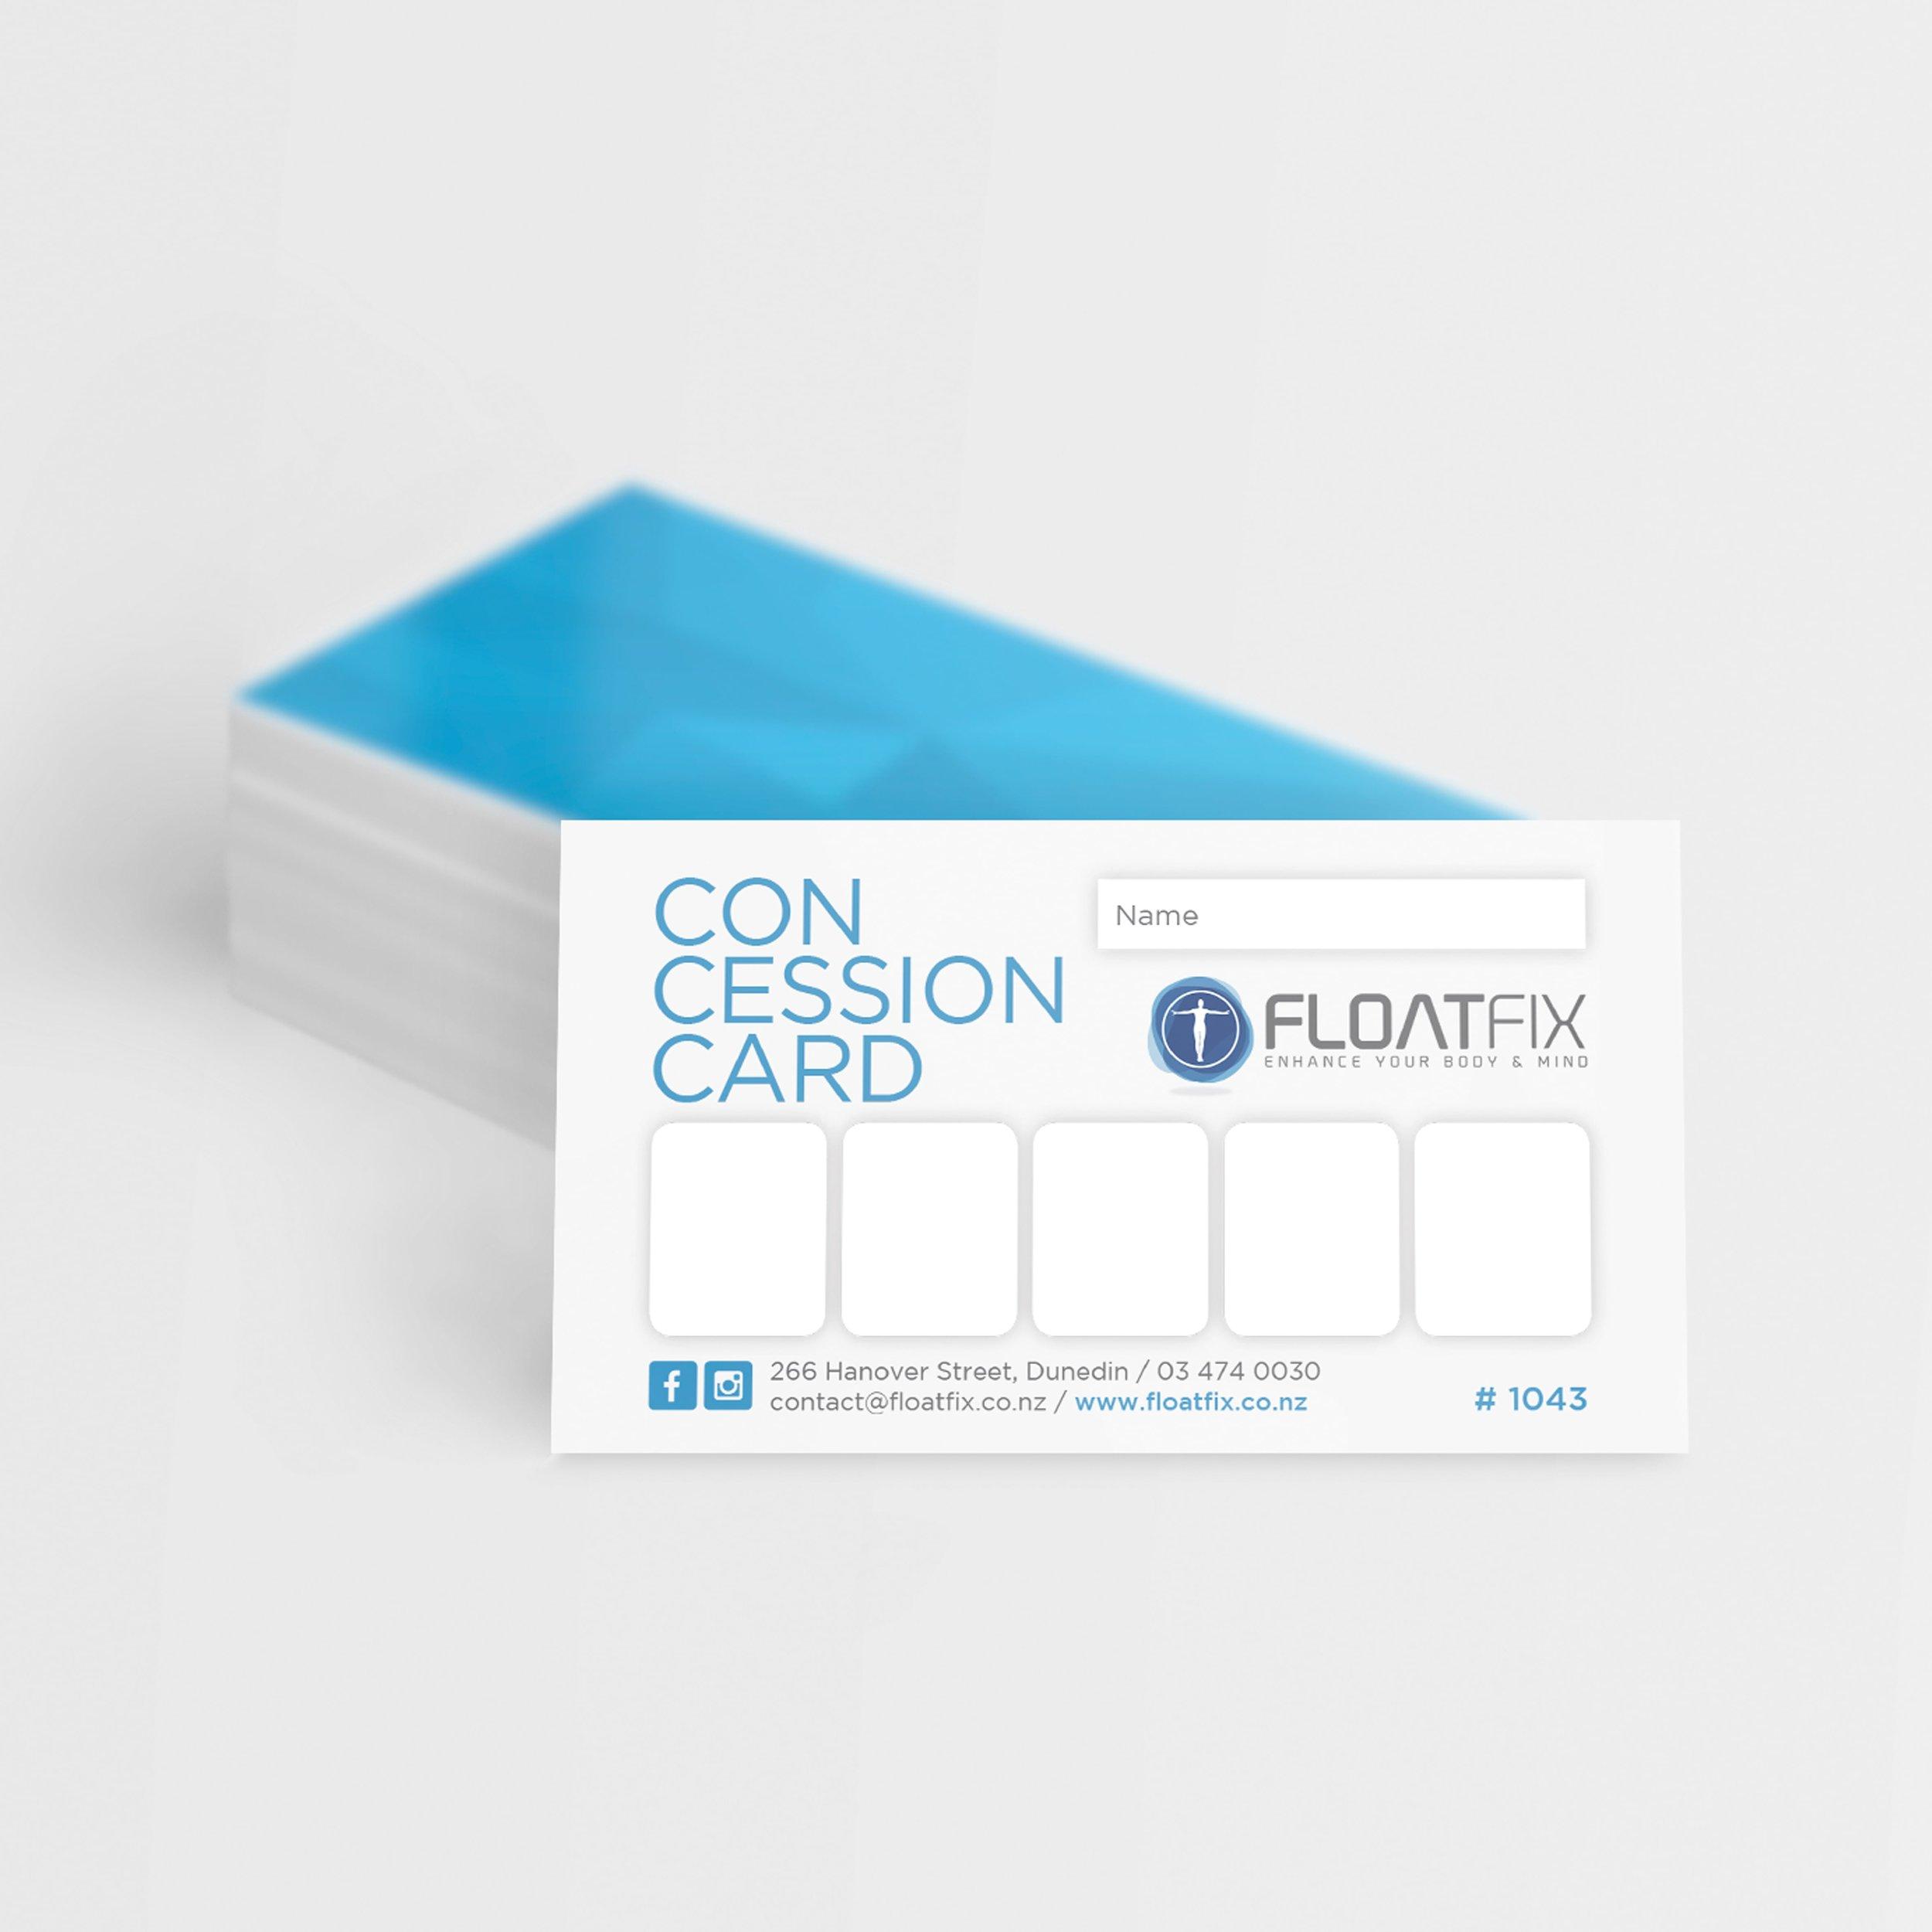 Floatfix Conession Card (square)-min.jpg